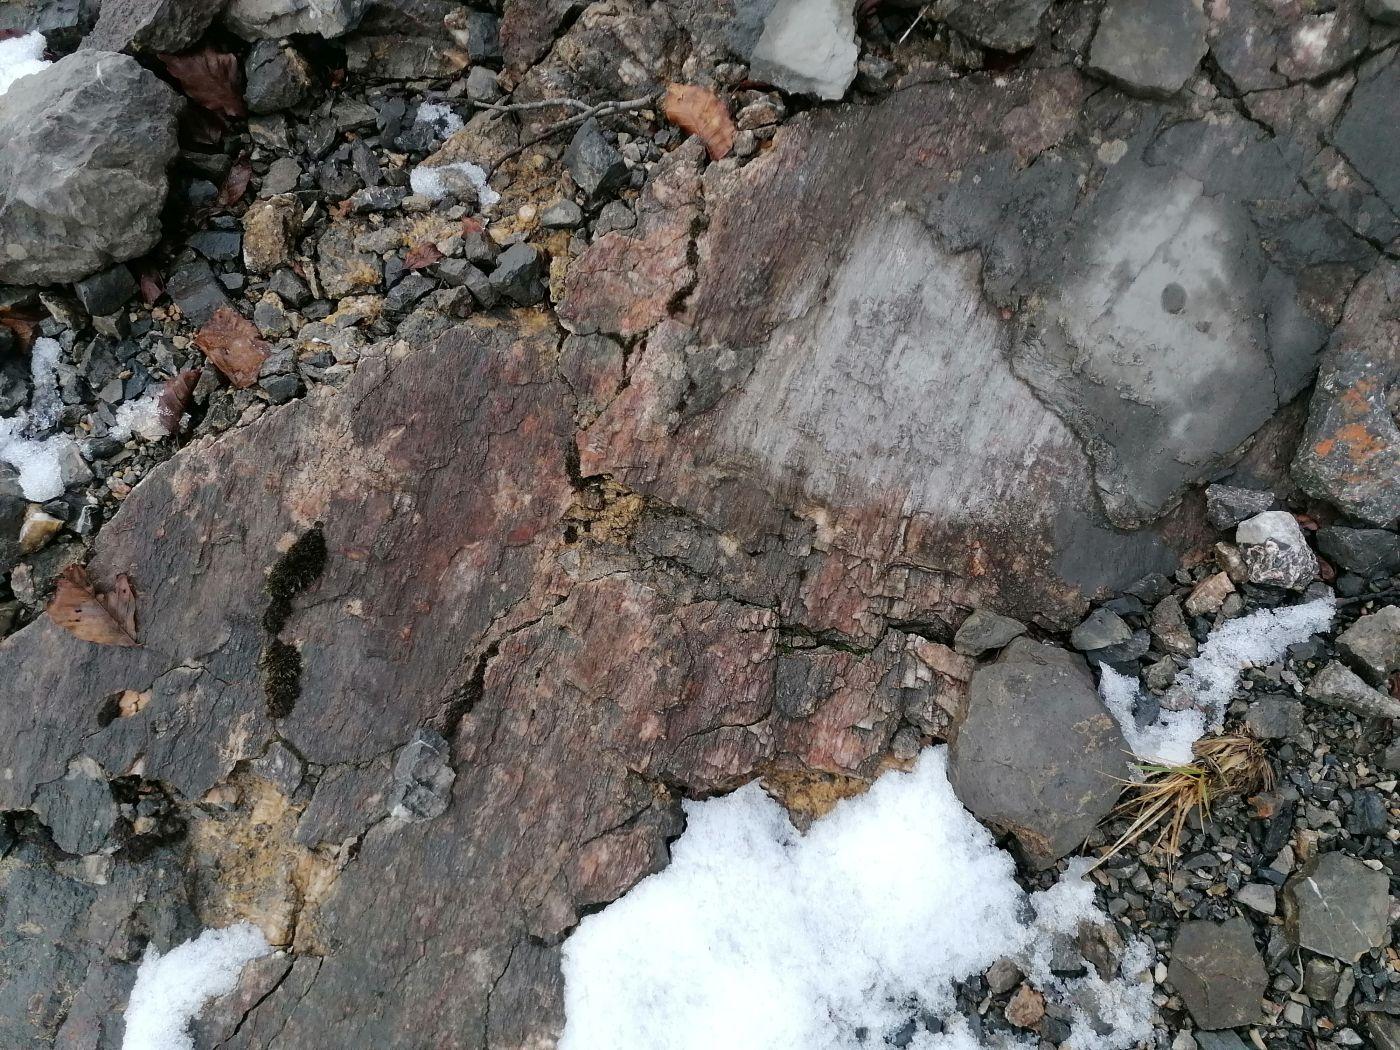 žičara radeševo - prikaz strija u sklopu stijenske mase